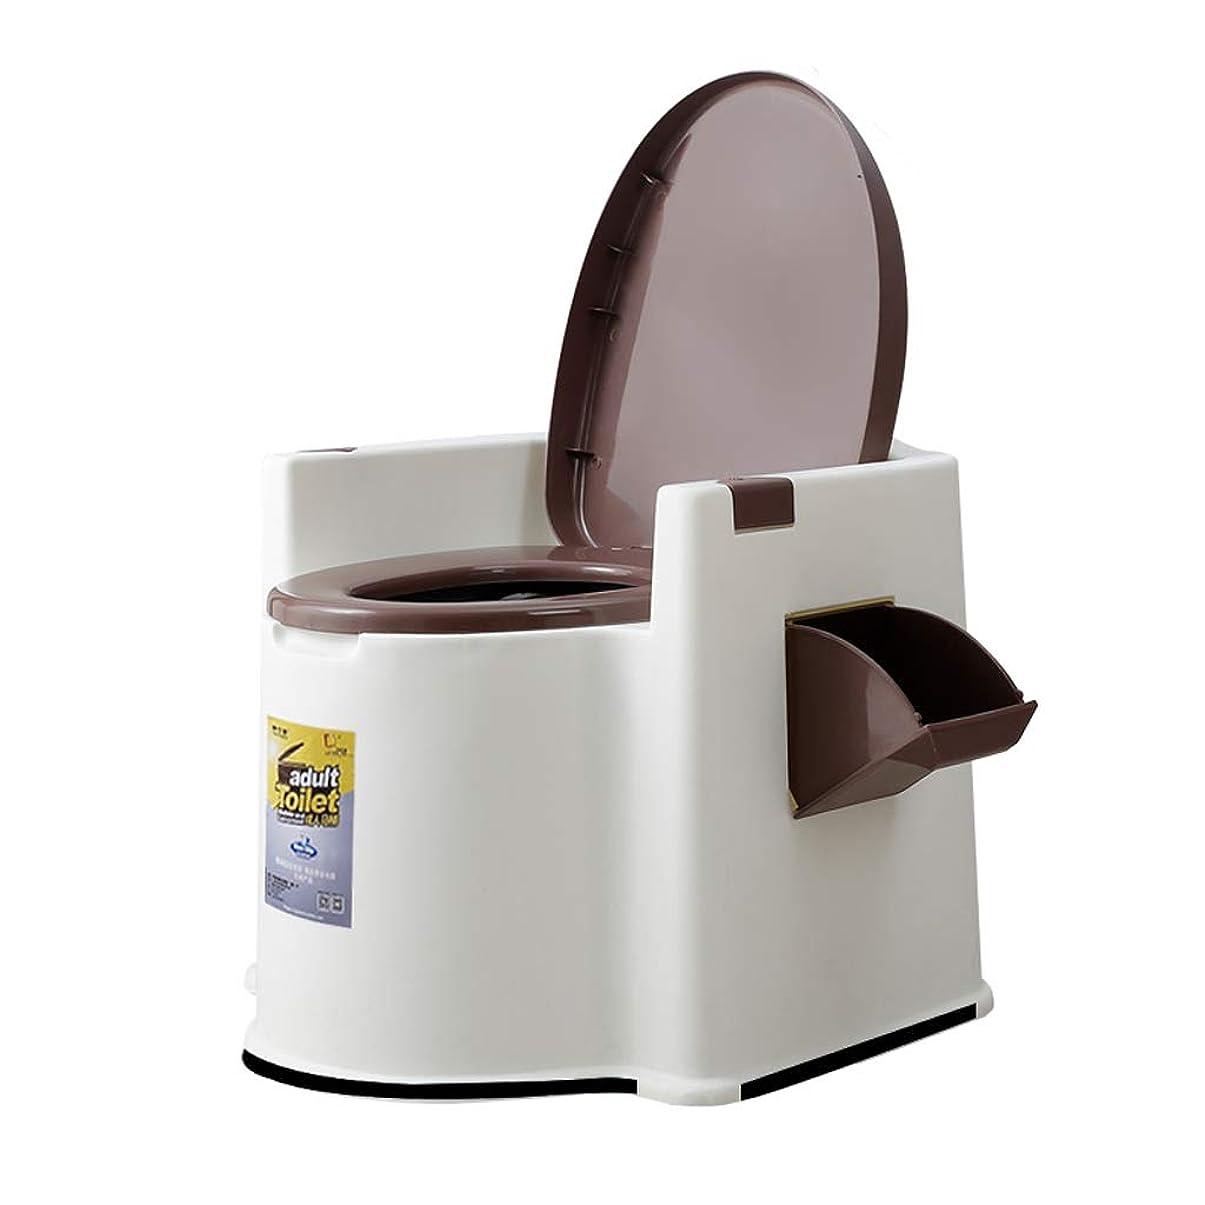 挨拶するインディカ連隊ノンスリップモバイルホームデオドラントトイレスツールアームレスト取り外し可能な妊娠中の女性患者高齢者トイレチェア